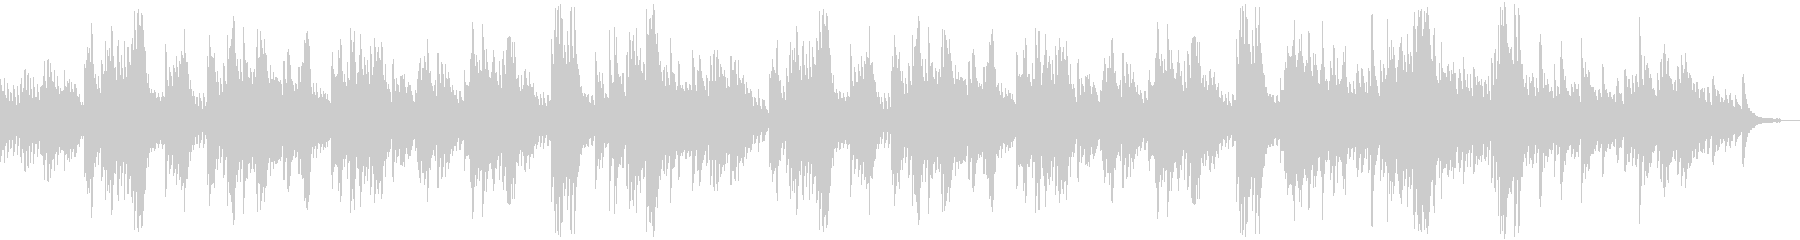 セレナーデ/シューベルト【ピアノソロ】の未再生の波形